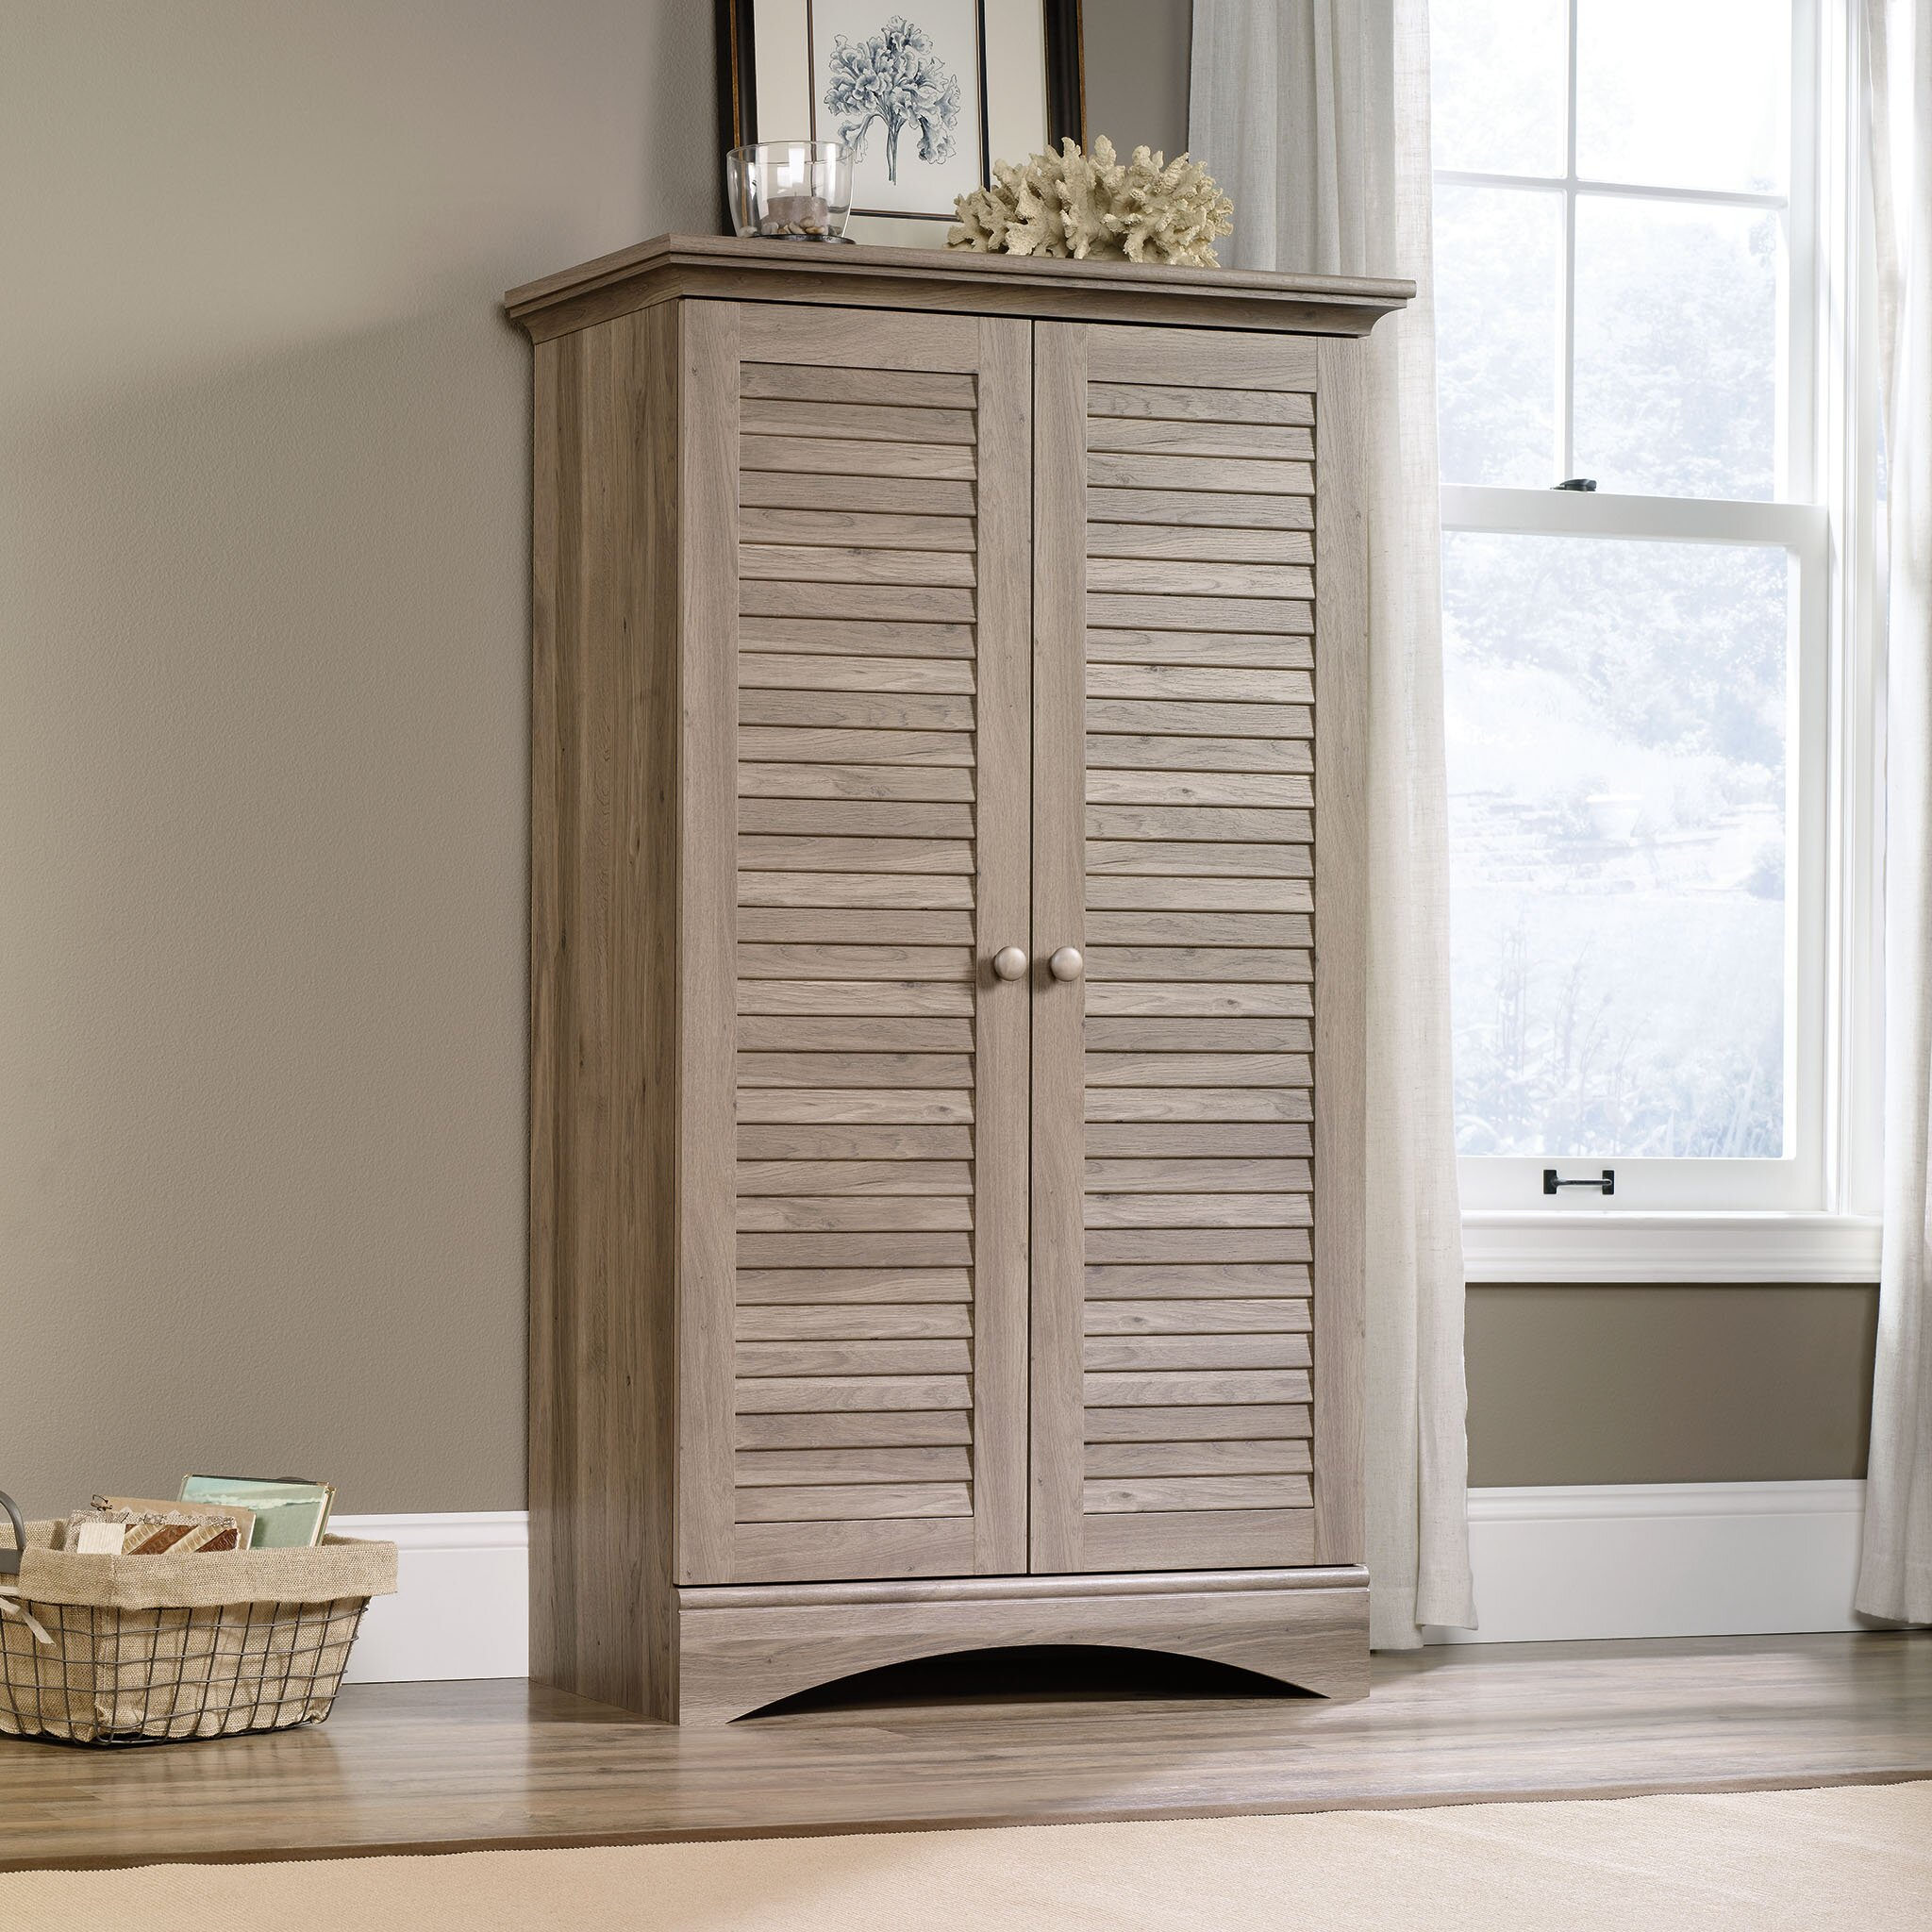 Sauder Harbor View 2 Door Storage Cabinet & Reviews | Wayfair